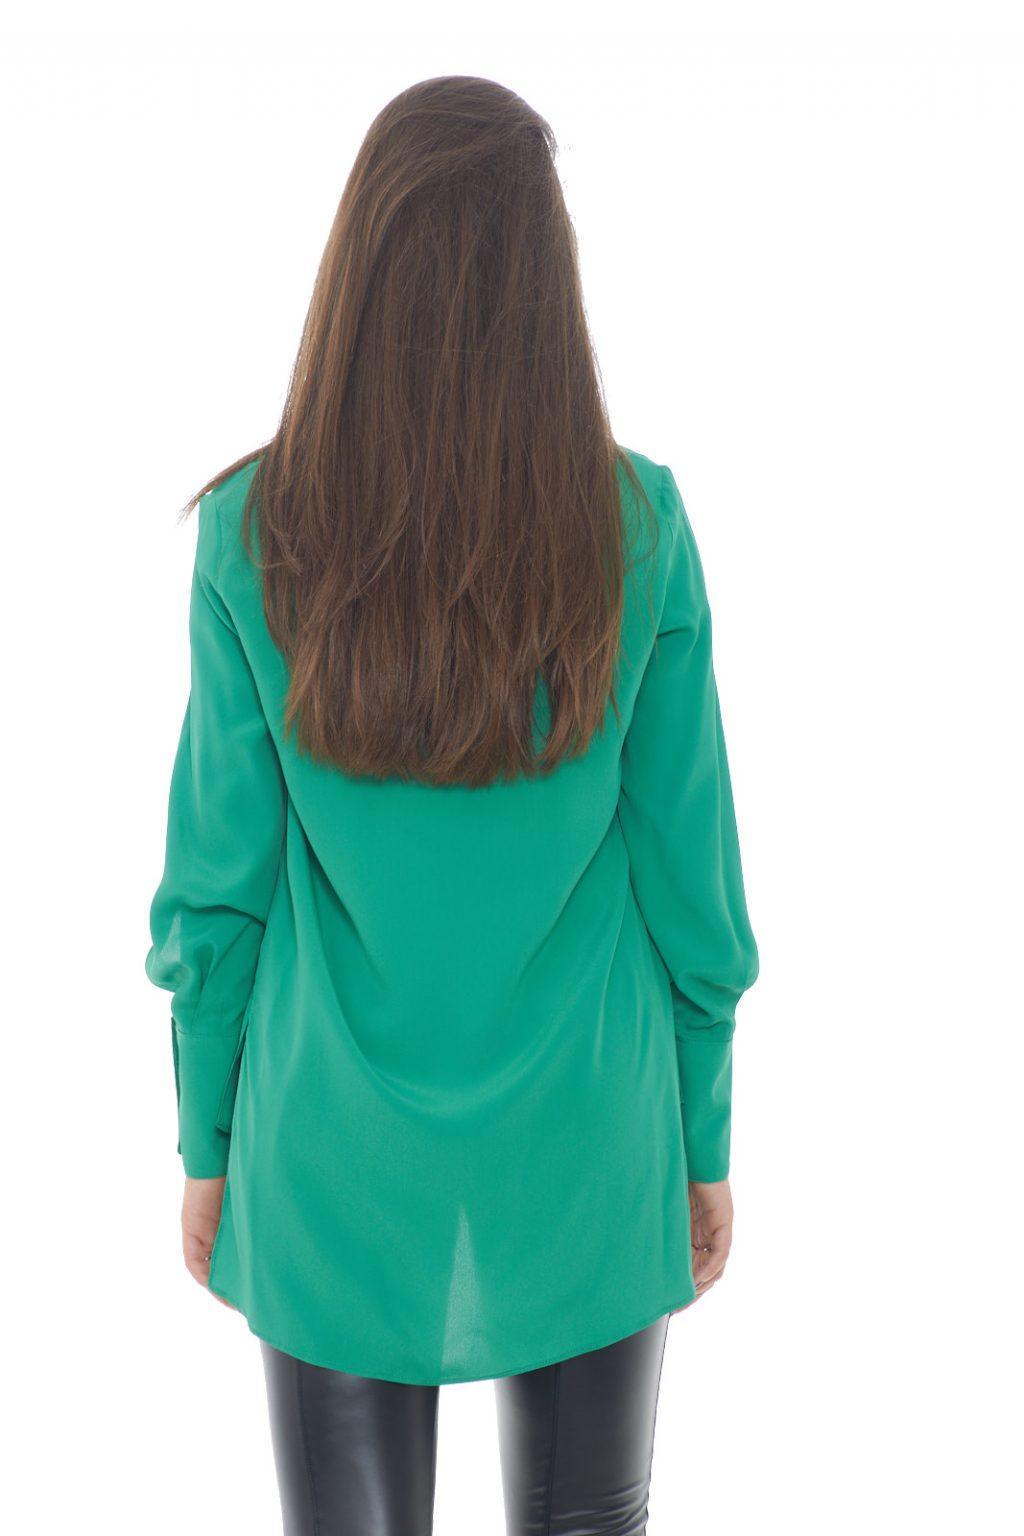 https://www.parmax.com/media/catalog/product/a/i/AI-outlet_parmax-blusa-donna-mem-Js-BL061000-C.jpg